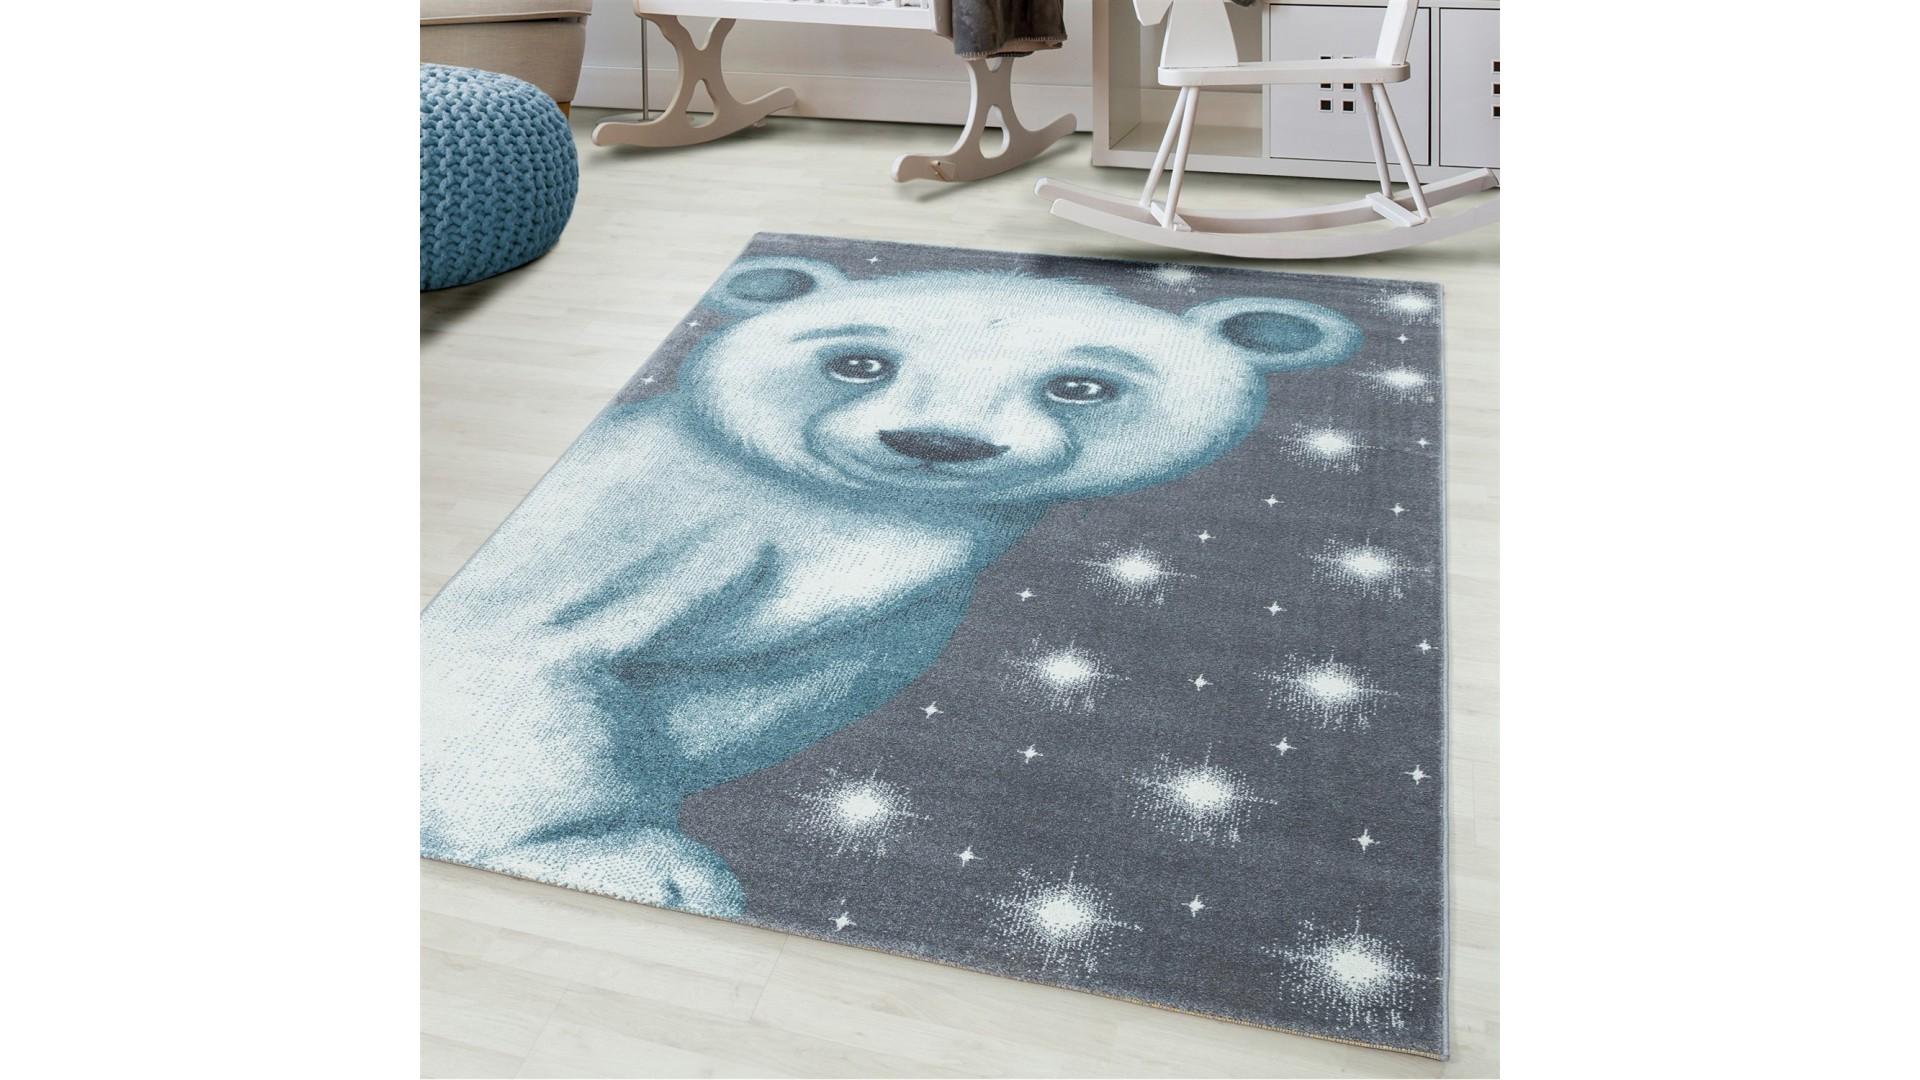 W sklepie slicznedywany.pl znajdziesz dywany odpowiadając Twojemu gustowi.